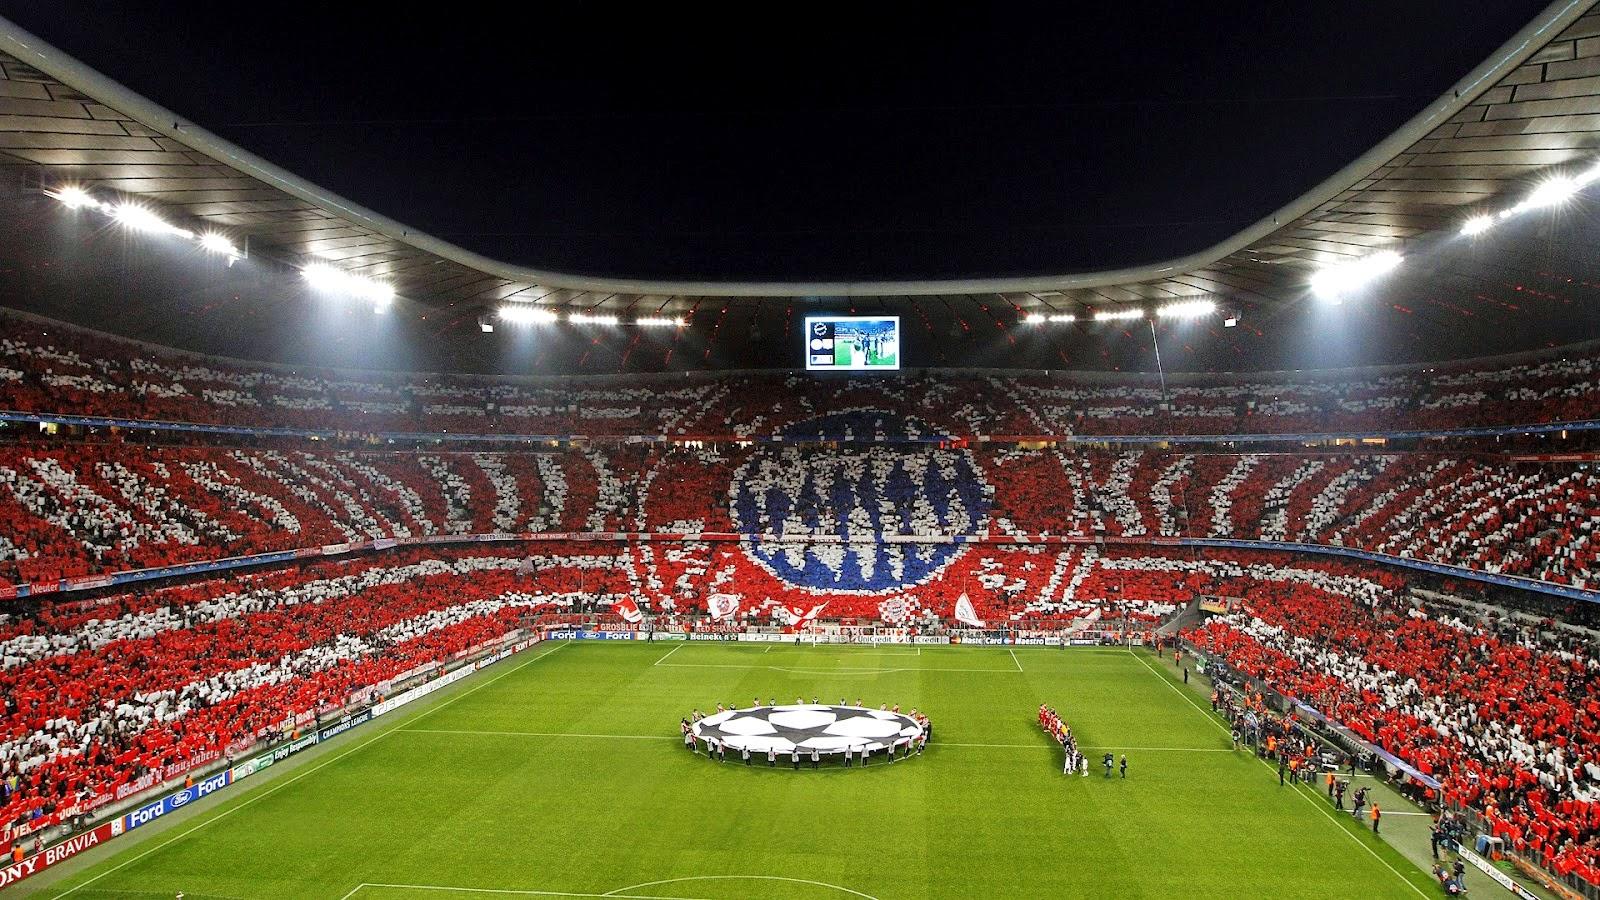 Bayern Munchen Football Club Wallpaper - Football Wallpaper HD